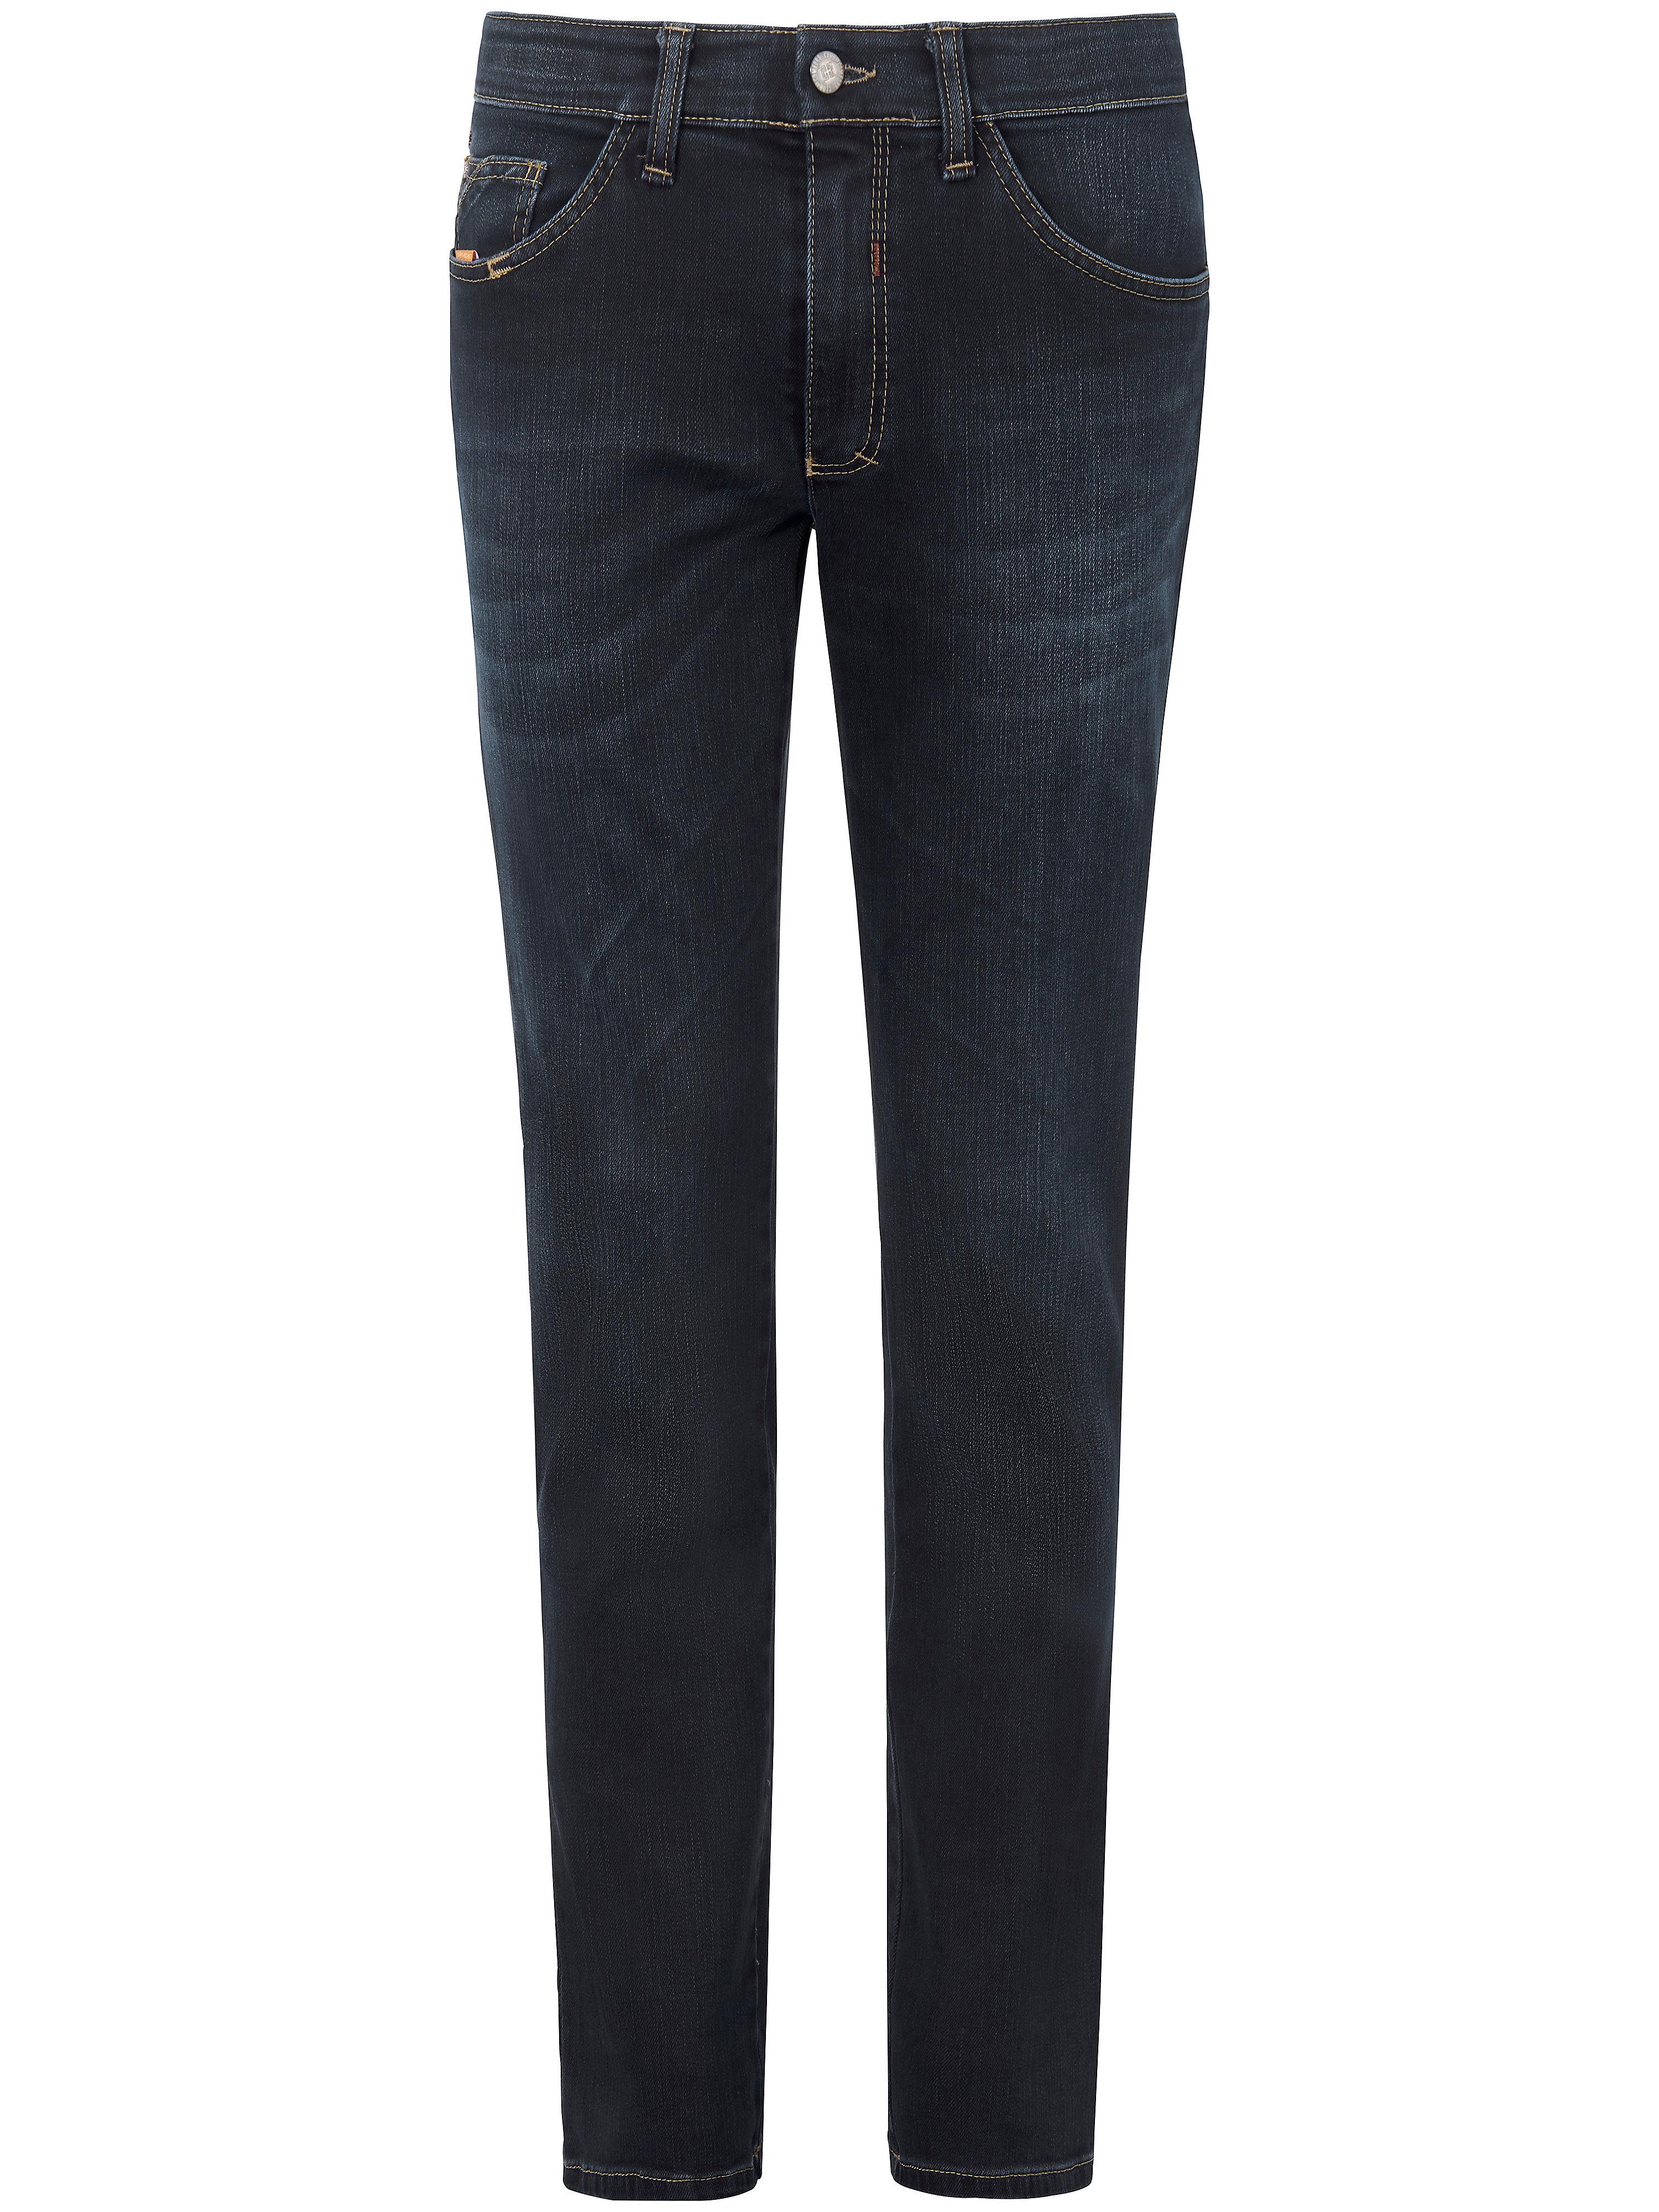 Le jean modèle Henry  CLUB OF COMFORT denim